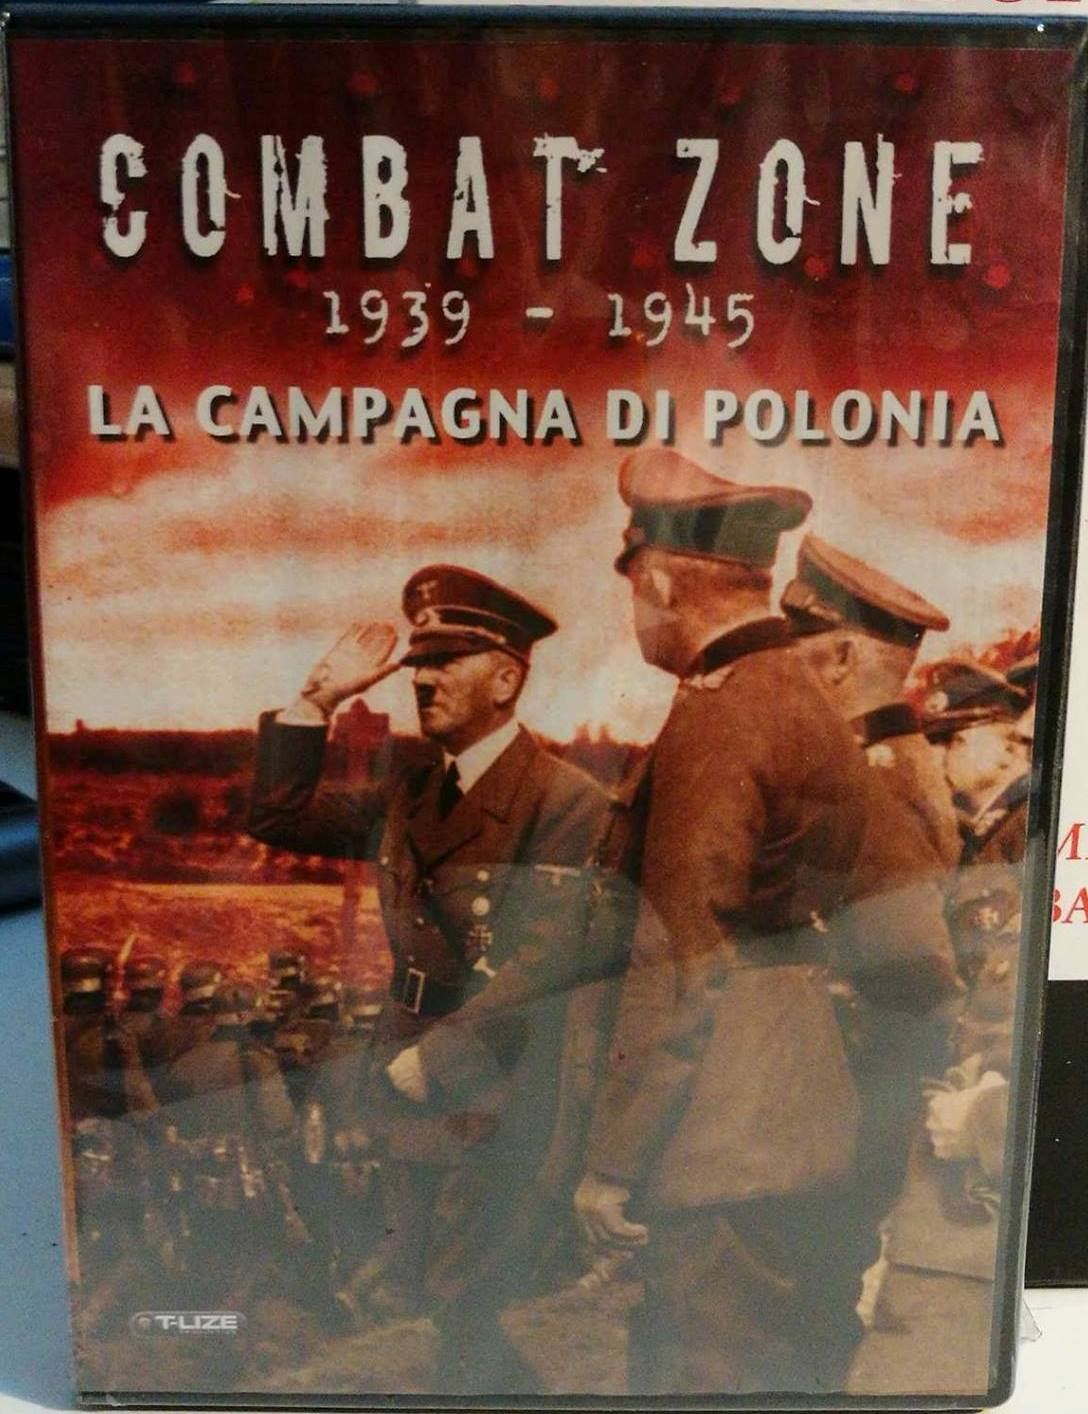 COMBAT ZONE 1939-1945 - LA CAMPAGNA DI POLONIA (DVD)